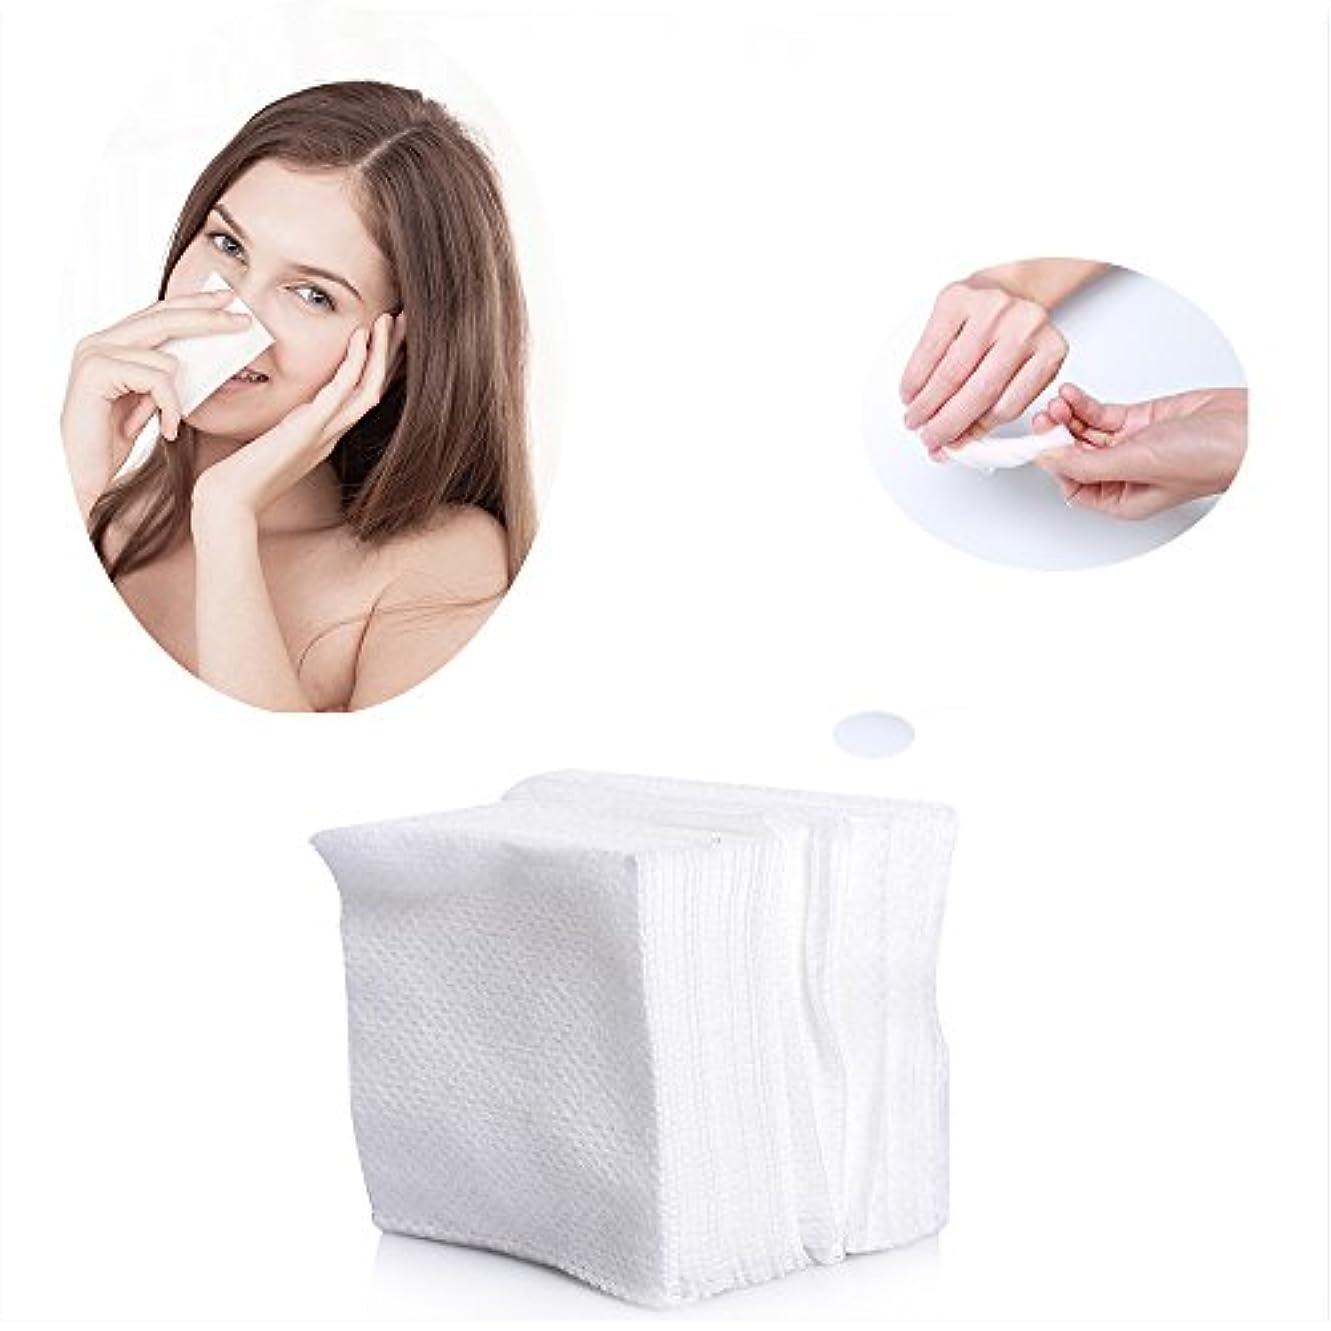 チャンピオンヘッドレスシルエットコットンパフ 化粧用コットン 敏感肌 顔拭きシート メイクアップ コットン 100枚入